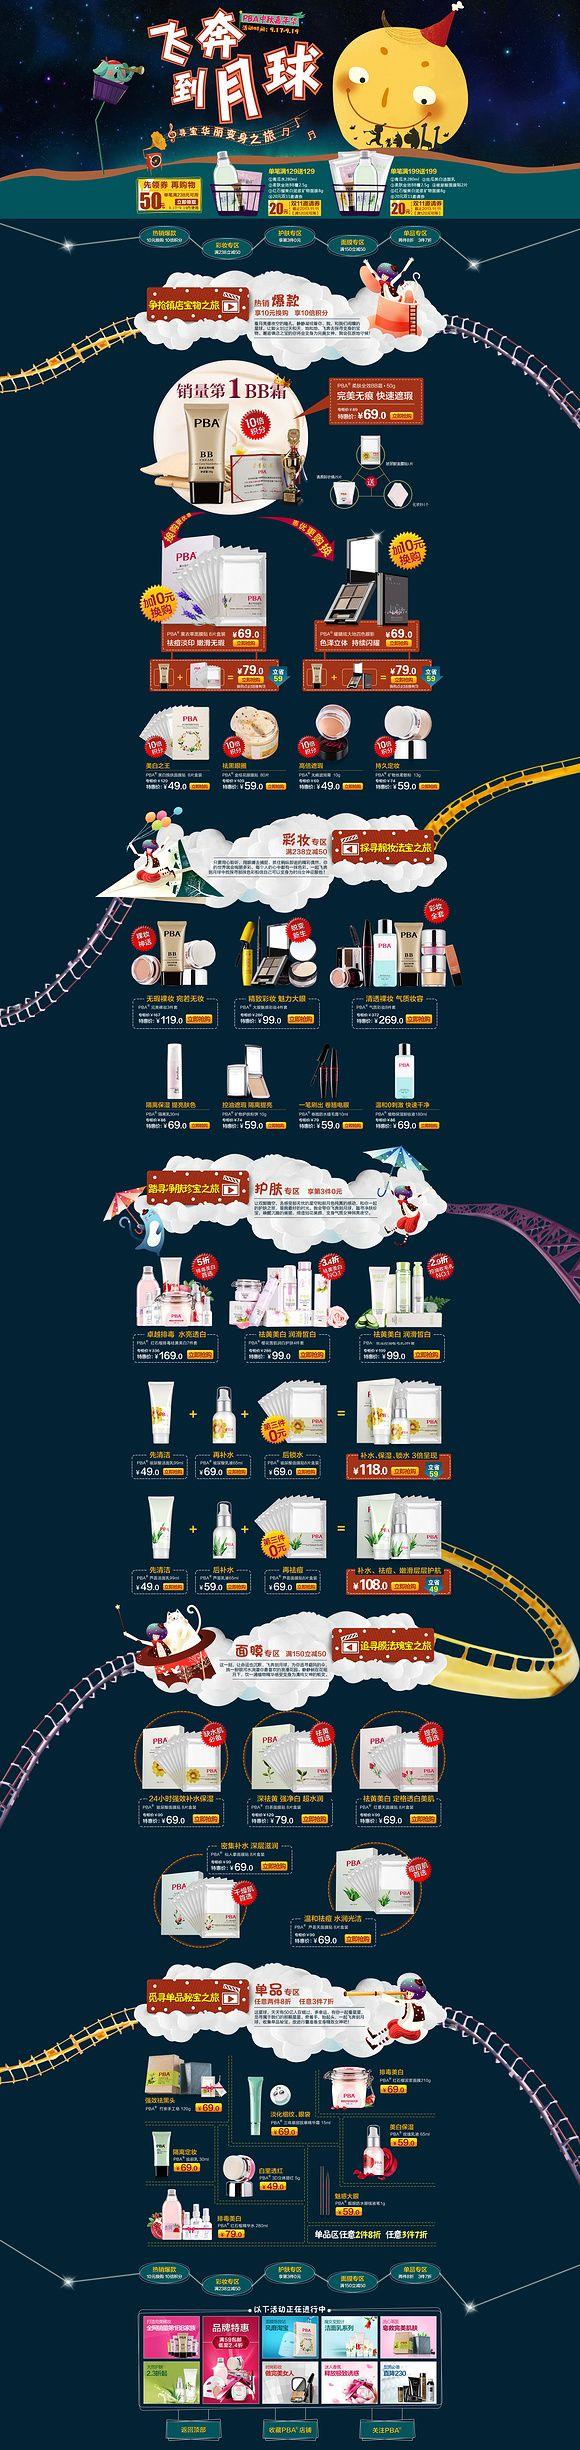 专题 页面 中秋 化妆品 网页 设计